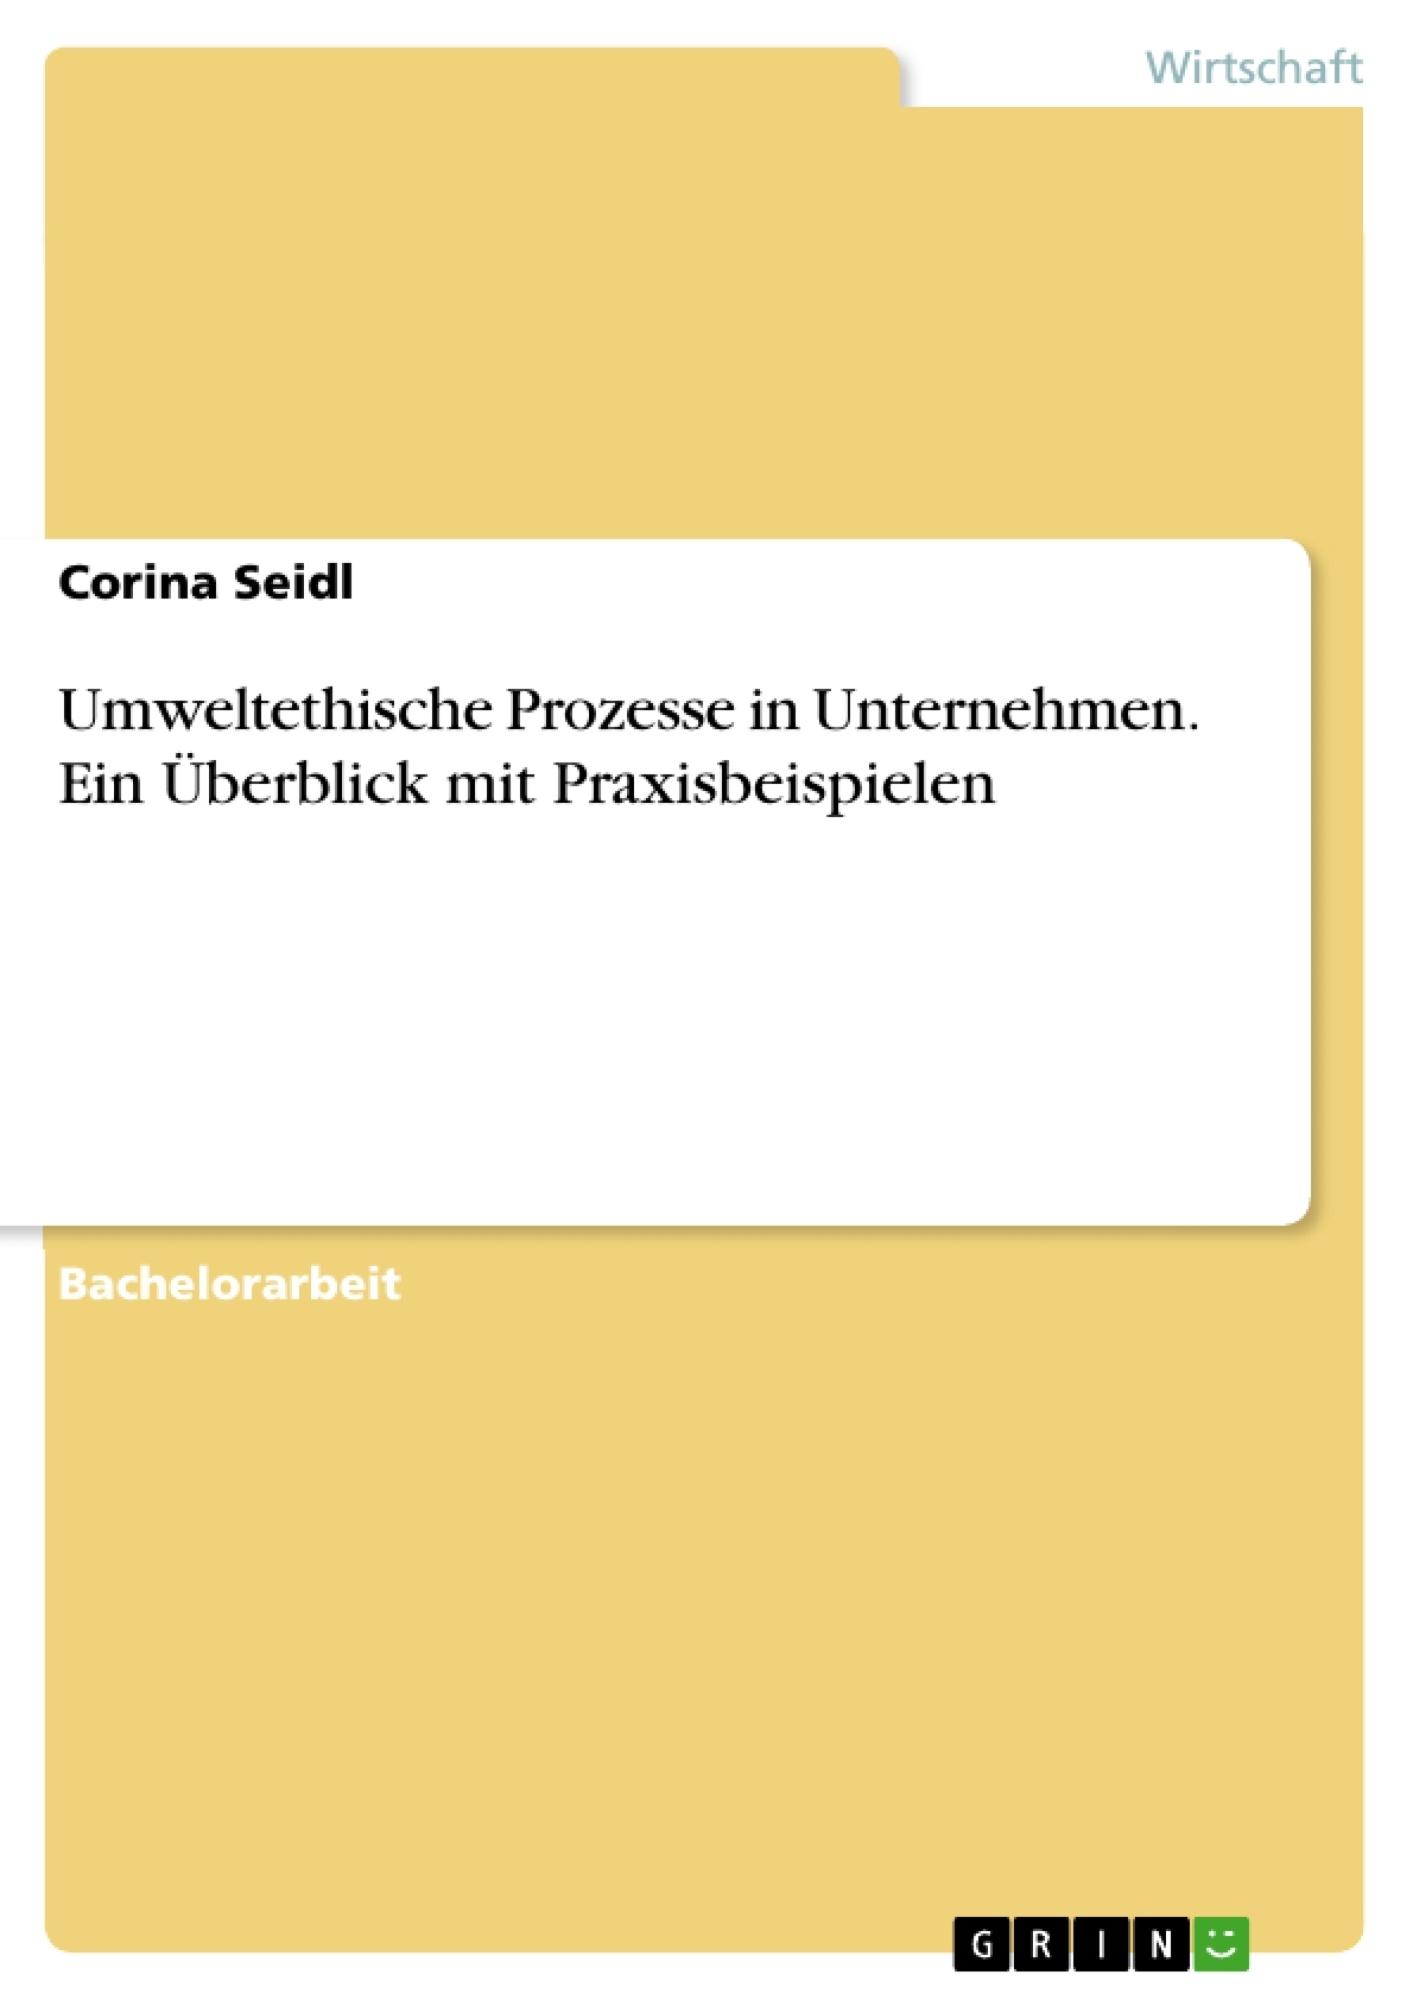 Titel: Umweltethische Prozesse in Unternehmen. Ein Überblick mit Praxisbeispielen